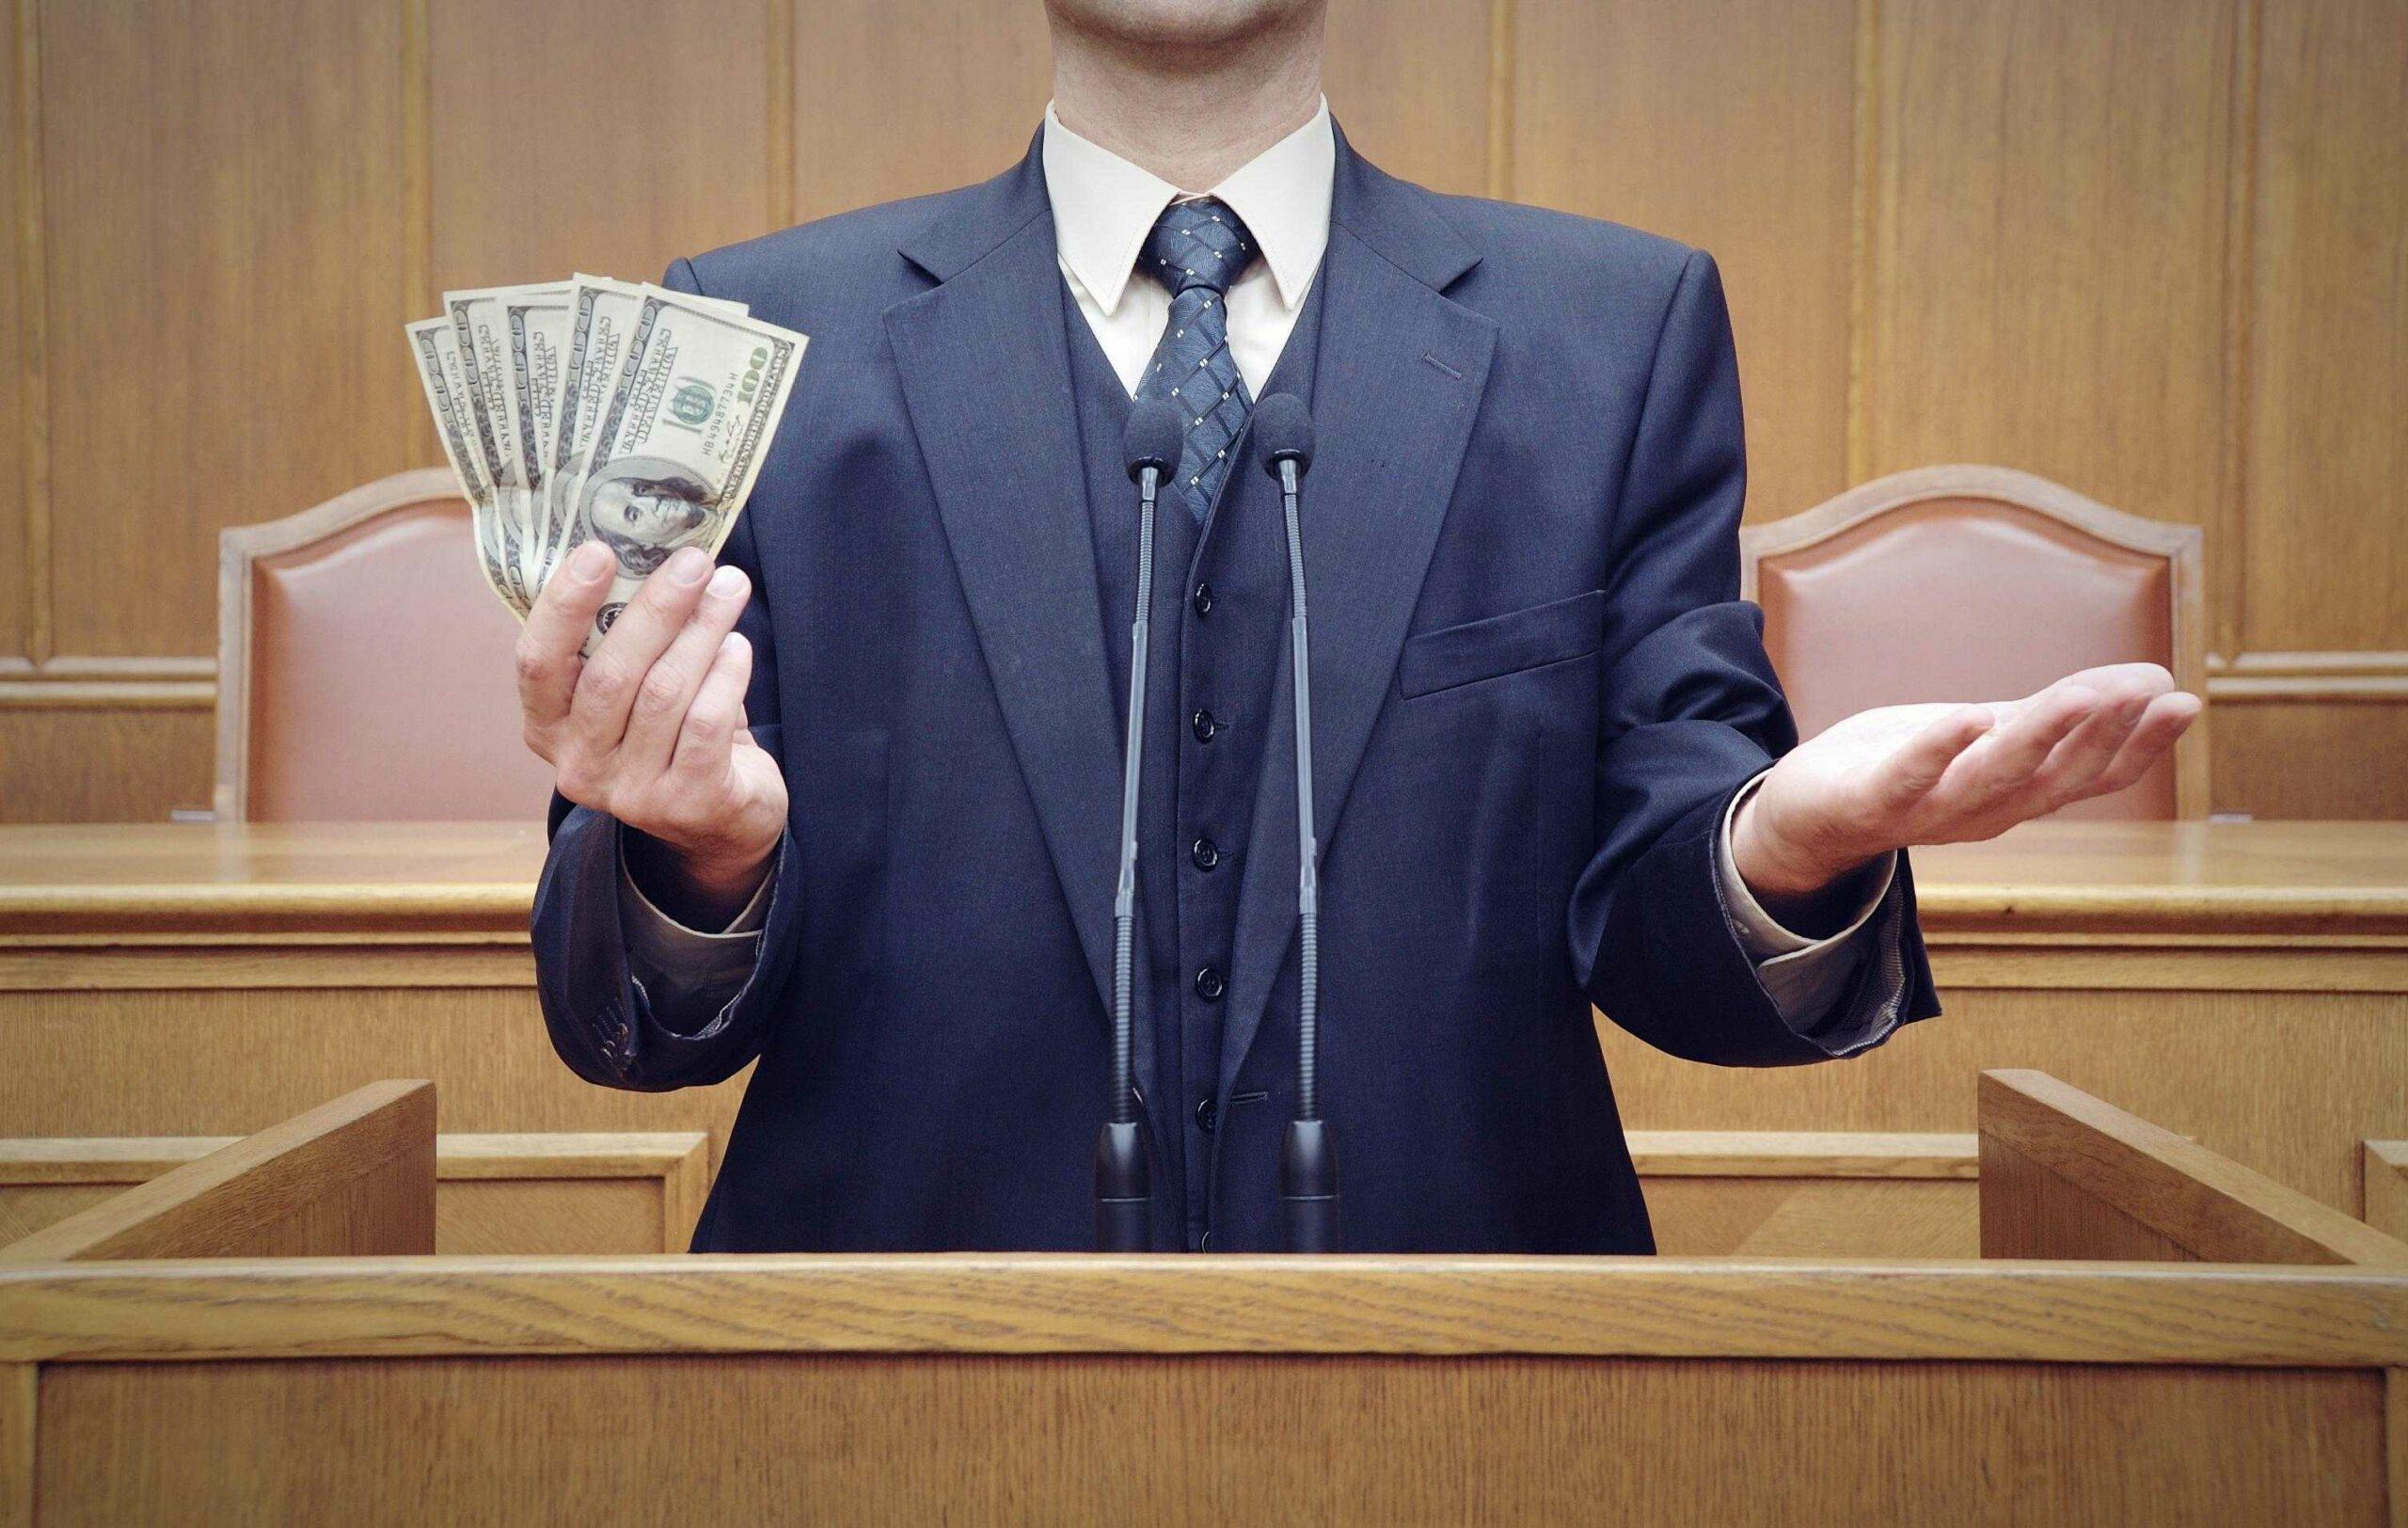 Бизнесмены могут легализовать свои заграничные капиталы без налогов